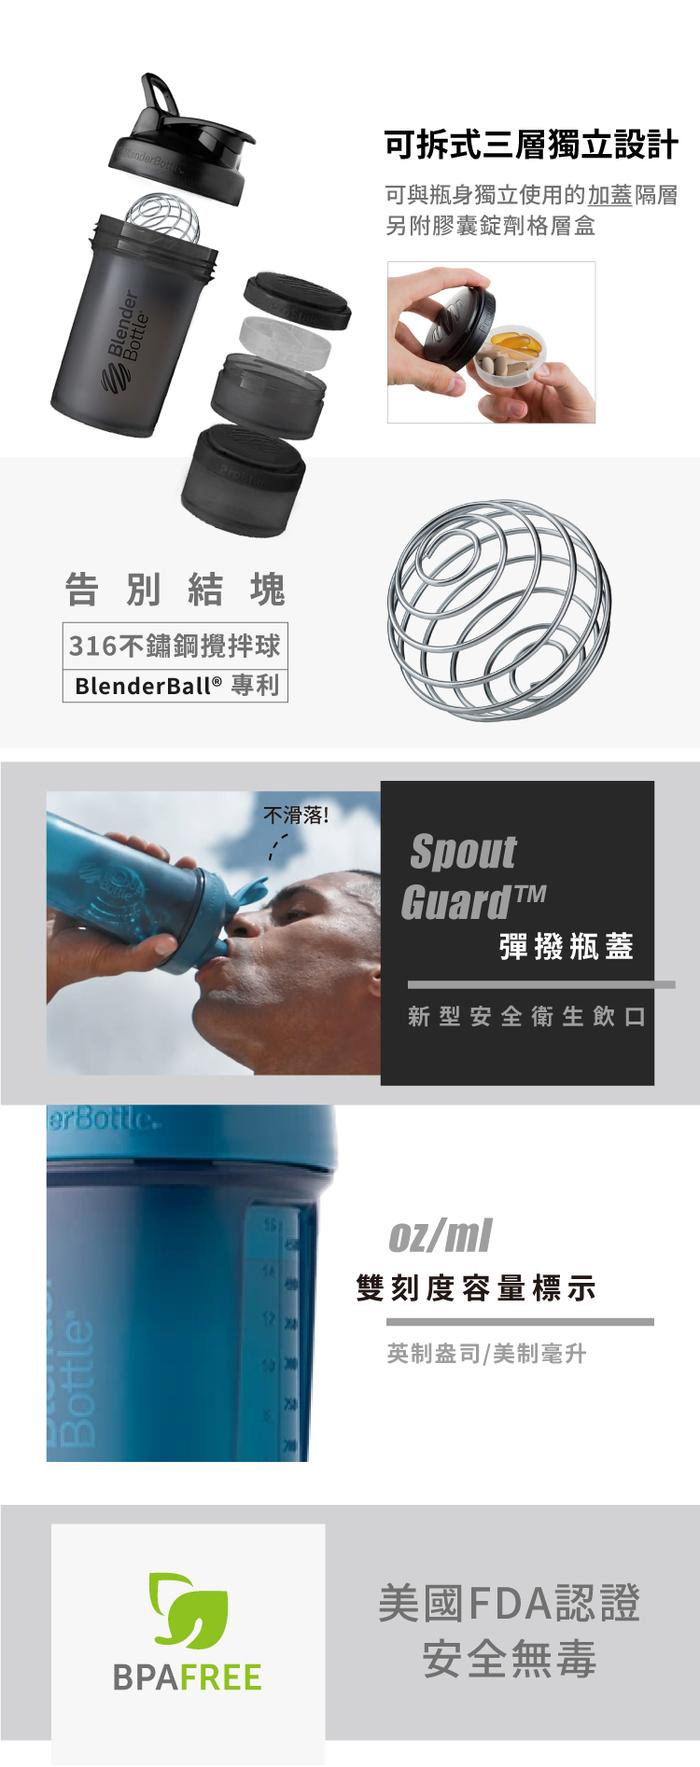 (複製)Blender Bottle|《ProStak系列》多層分裝可拆式運動搖搖杯(海洋藍)